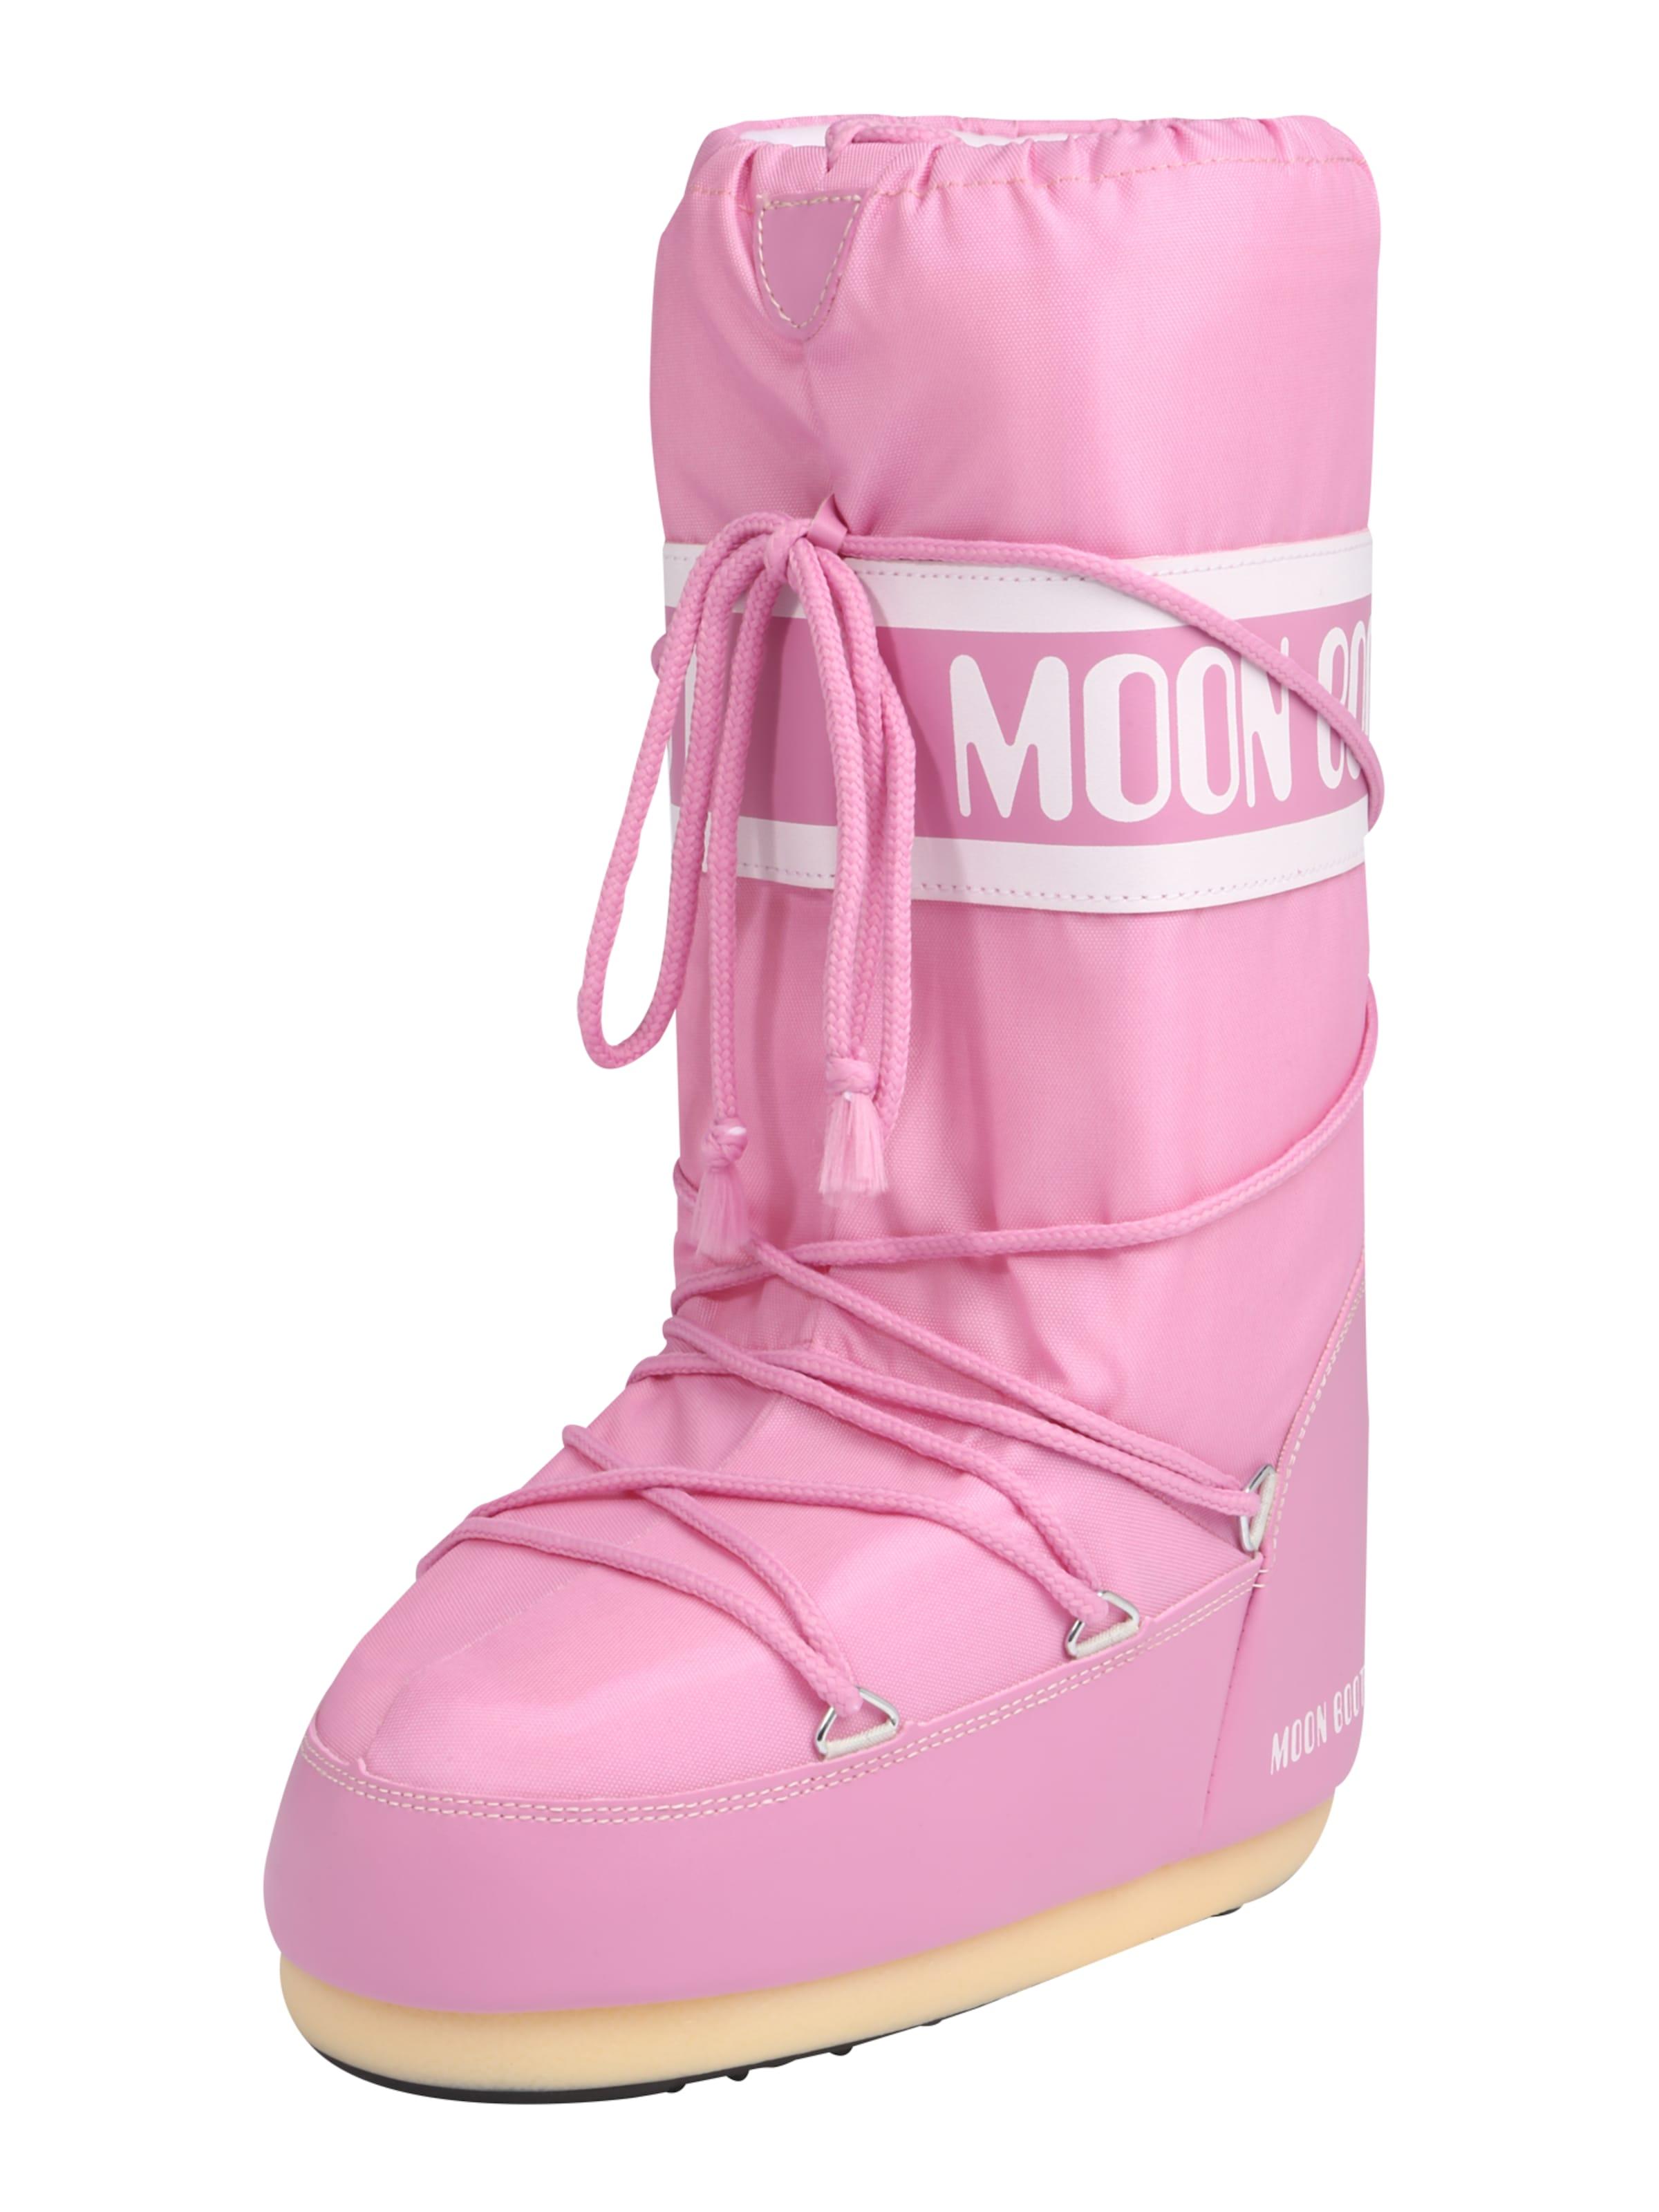 MOON BOOT | Snowboots  Nylon